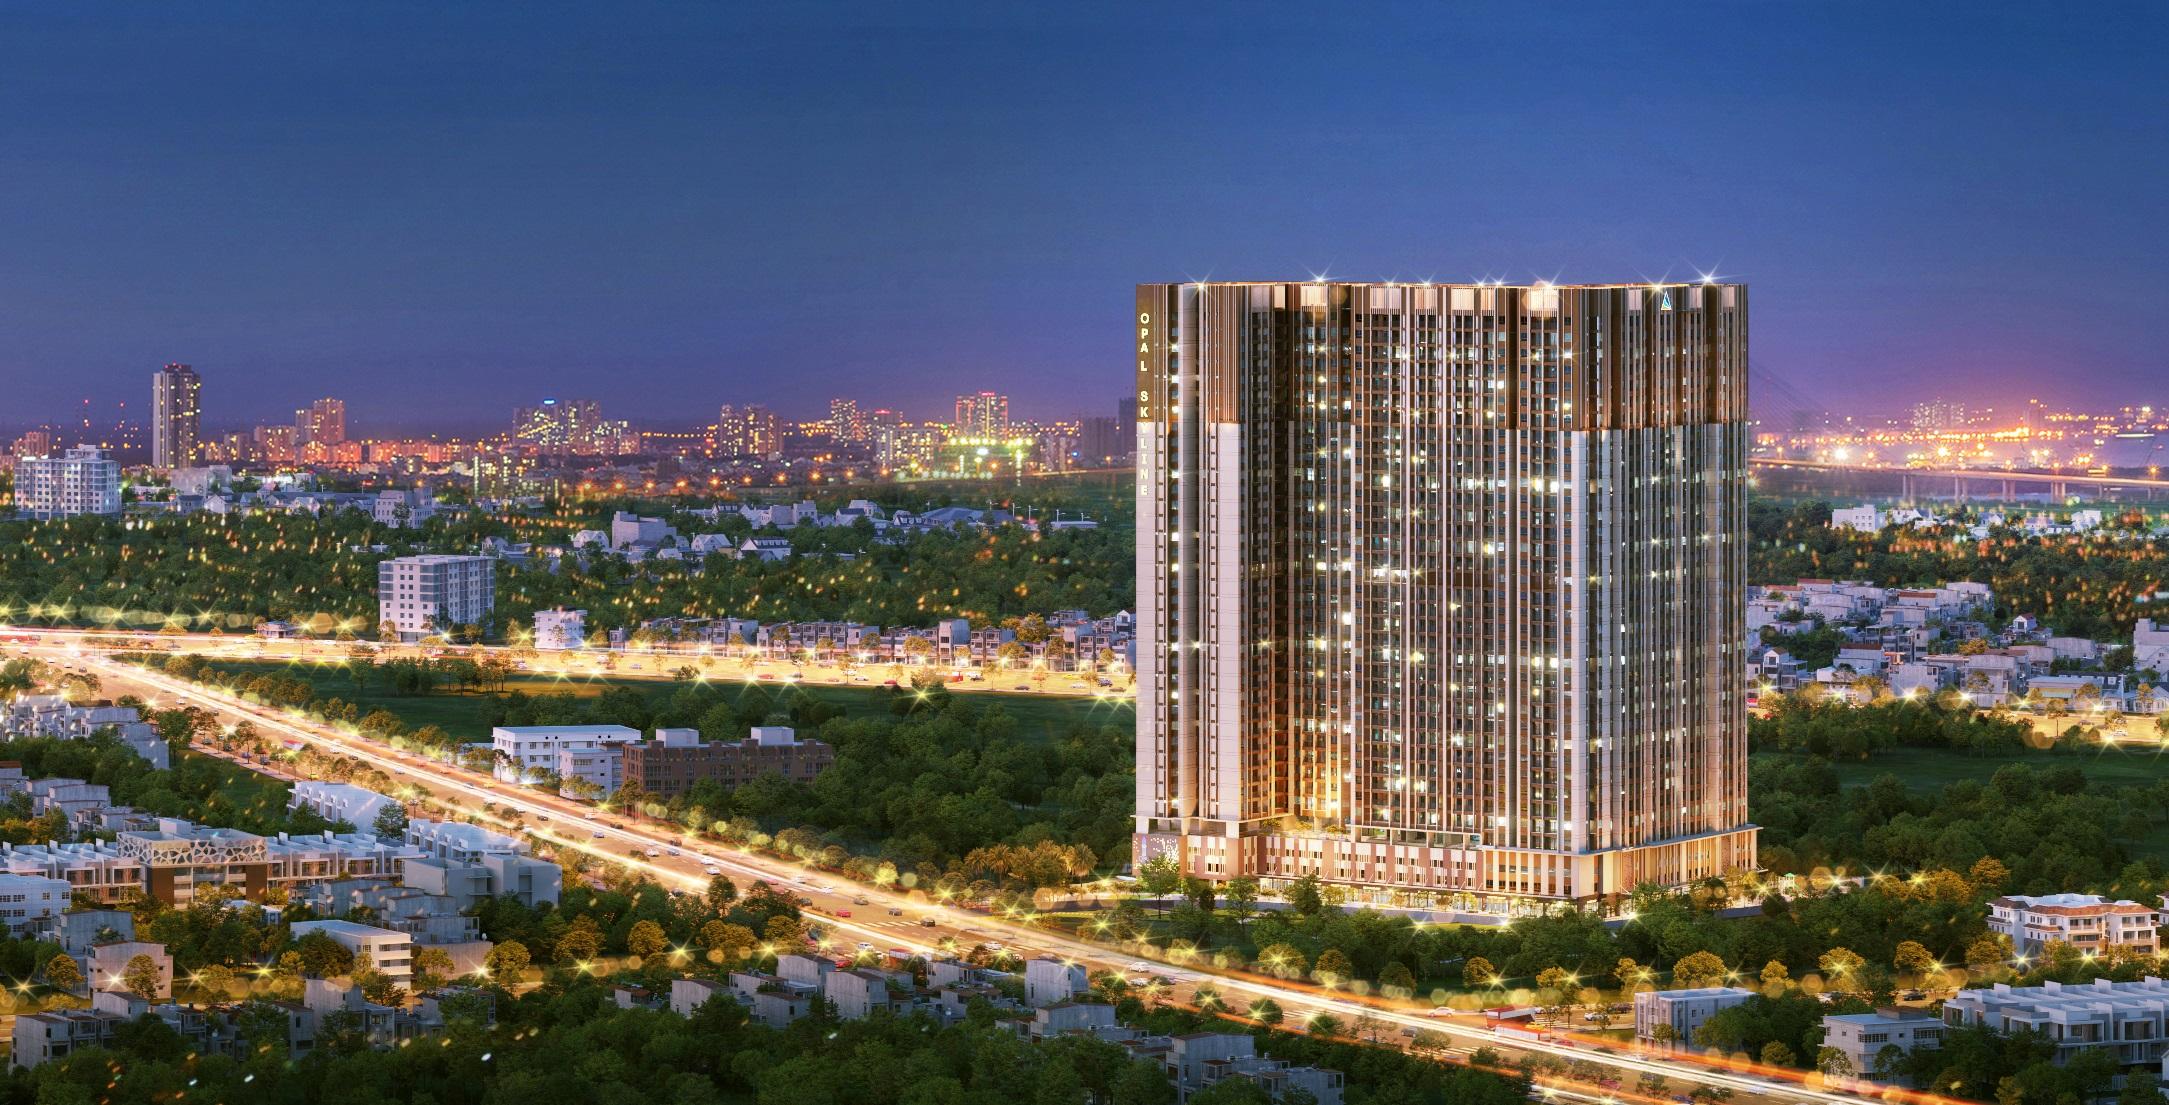 Tọa lại tại trung tâm thành phố trẻ Thuận An, Opal Skyline thừa hưởng tiềm năng mà vị thế nơi đây đem lại. Ảnh phối cảnh: Tập đoàn Đất Xanh.